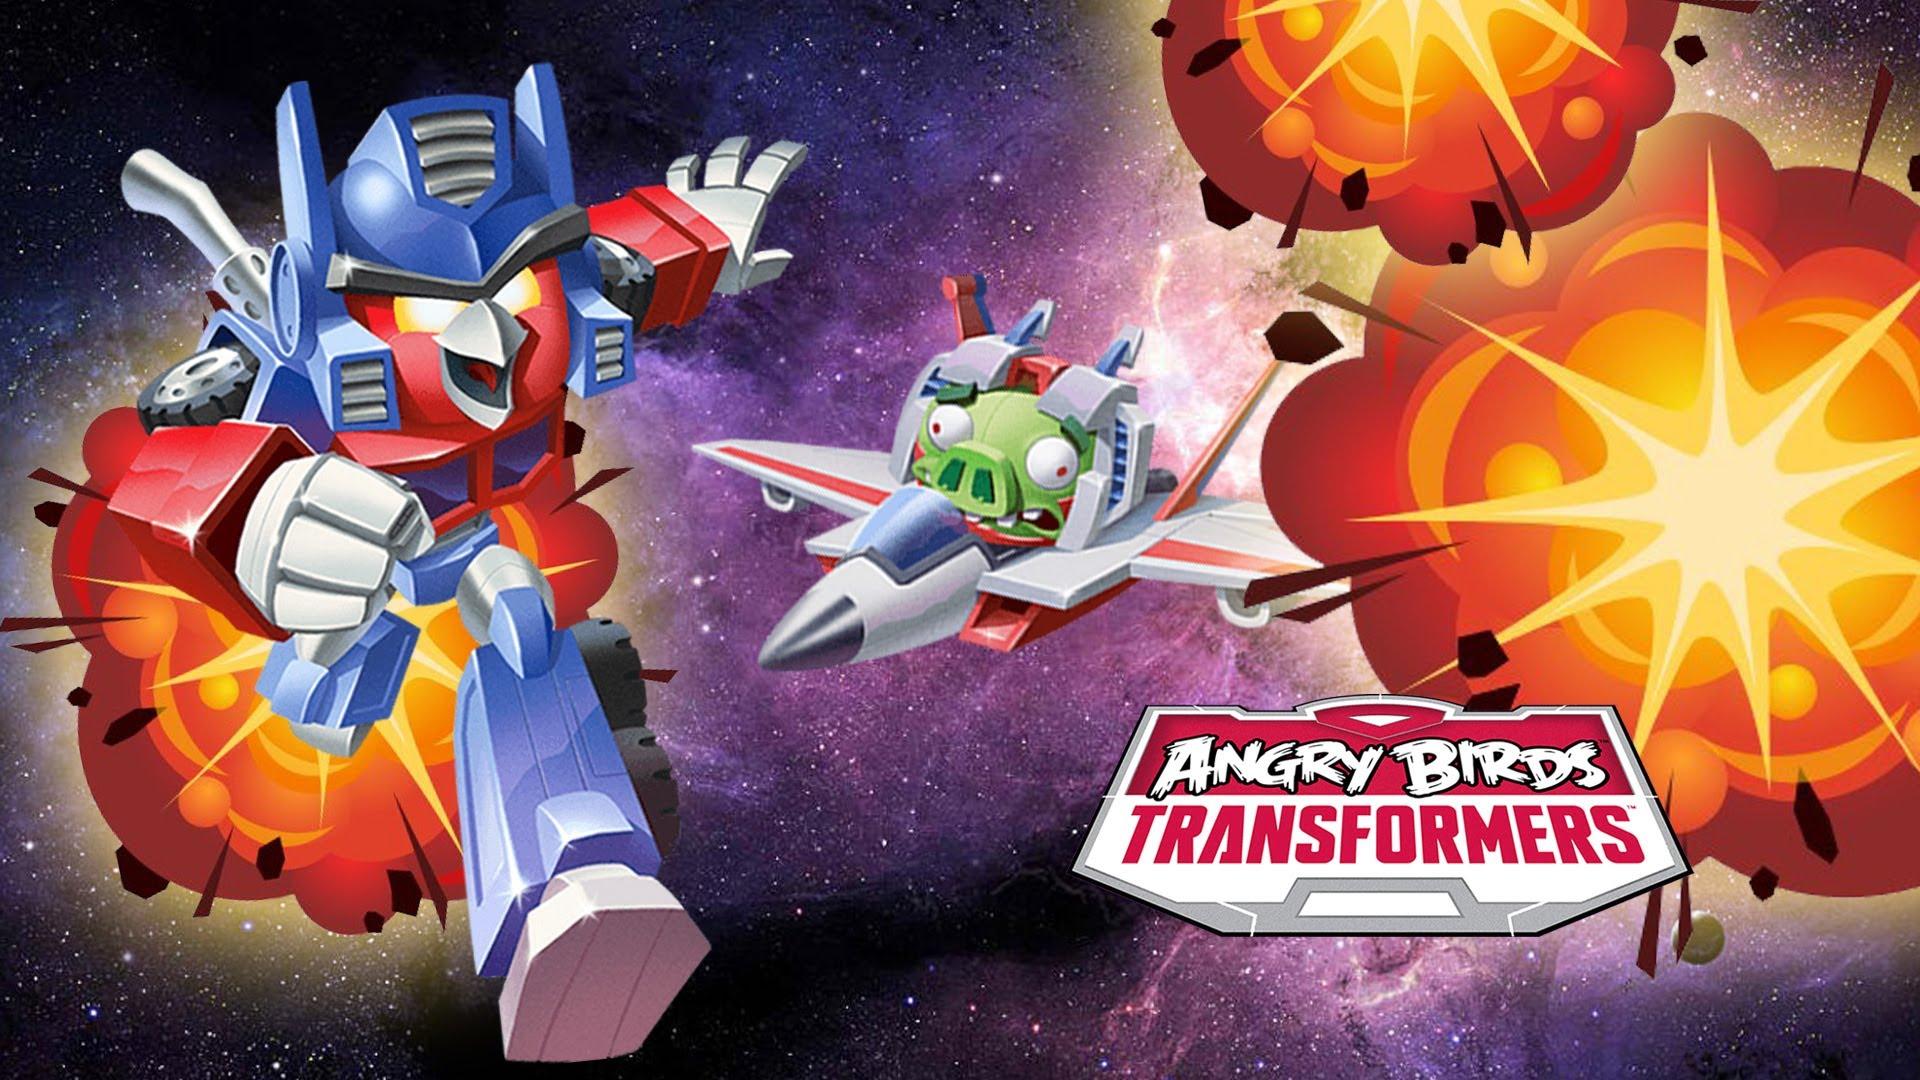 Pobierz Angry Birds Transformers i na własnej skórze przekonaj się, że z Rovio dzieje się coś bardzo złego